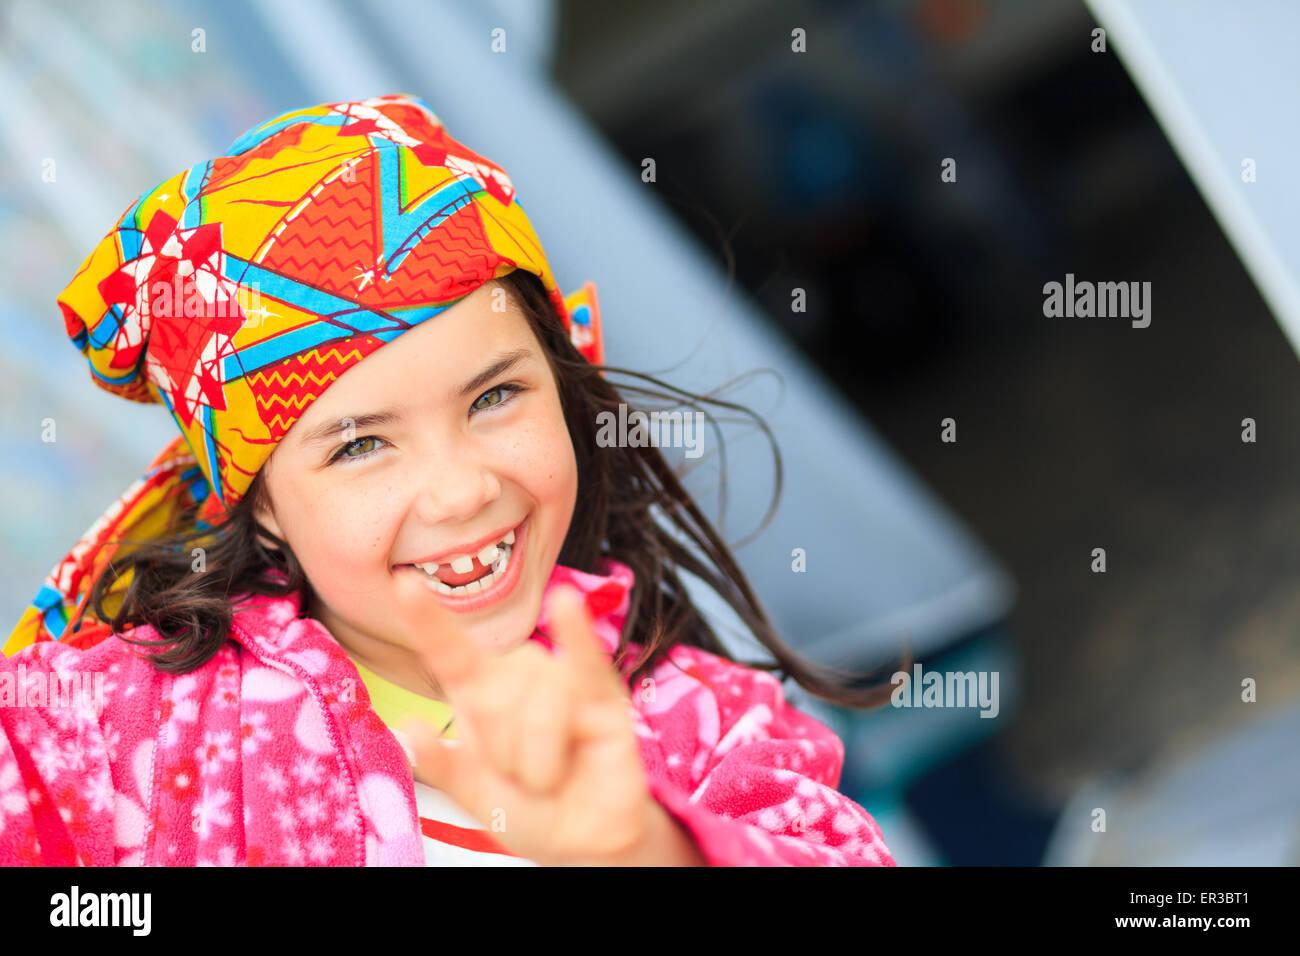 Retrato de una niña sonriente gesticulando cuerno signo Imagen De Stock